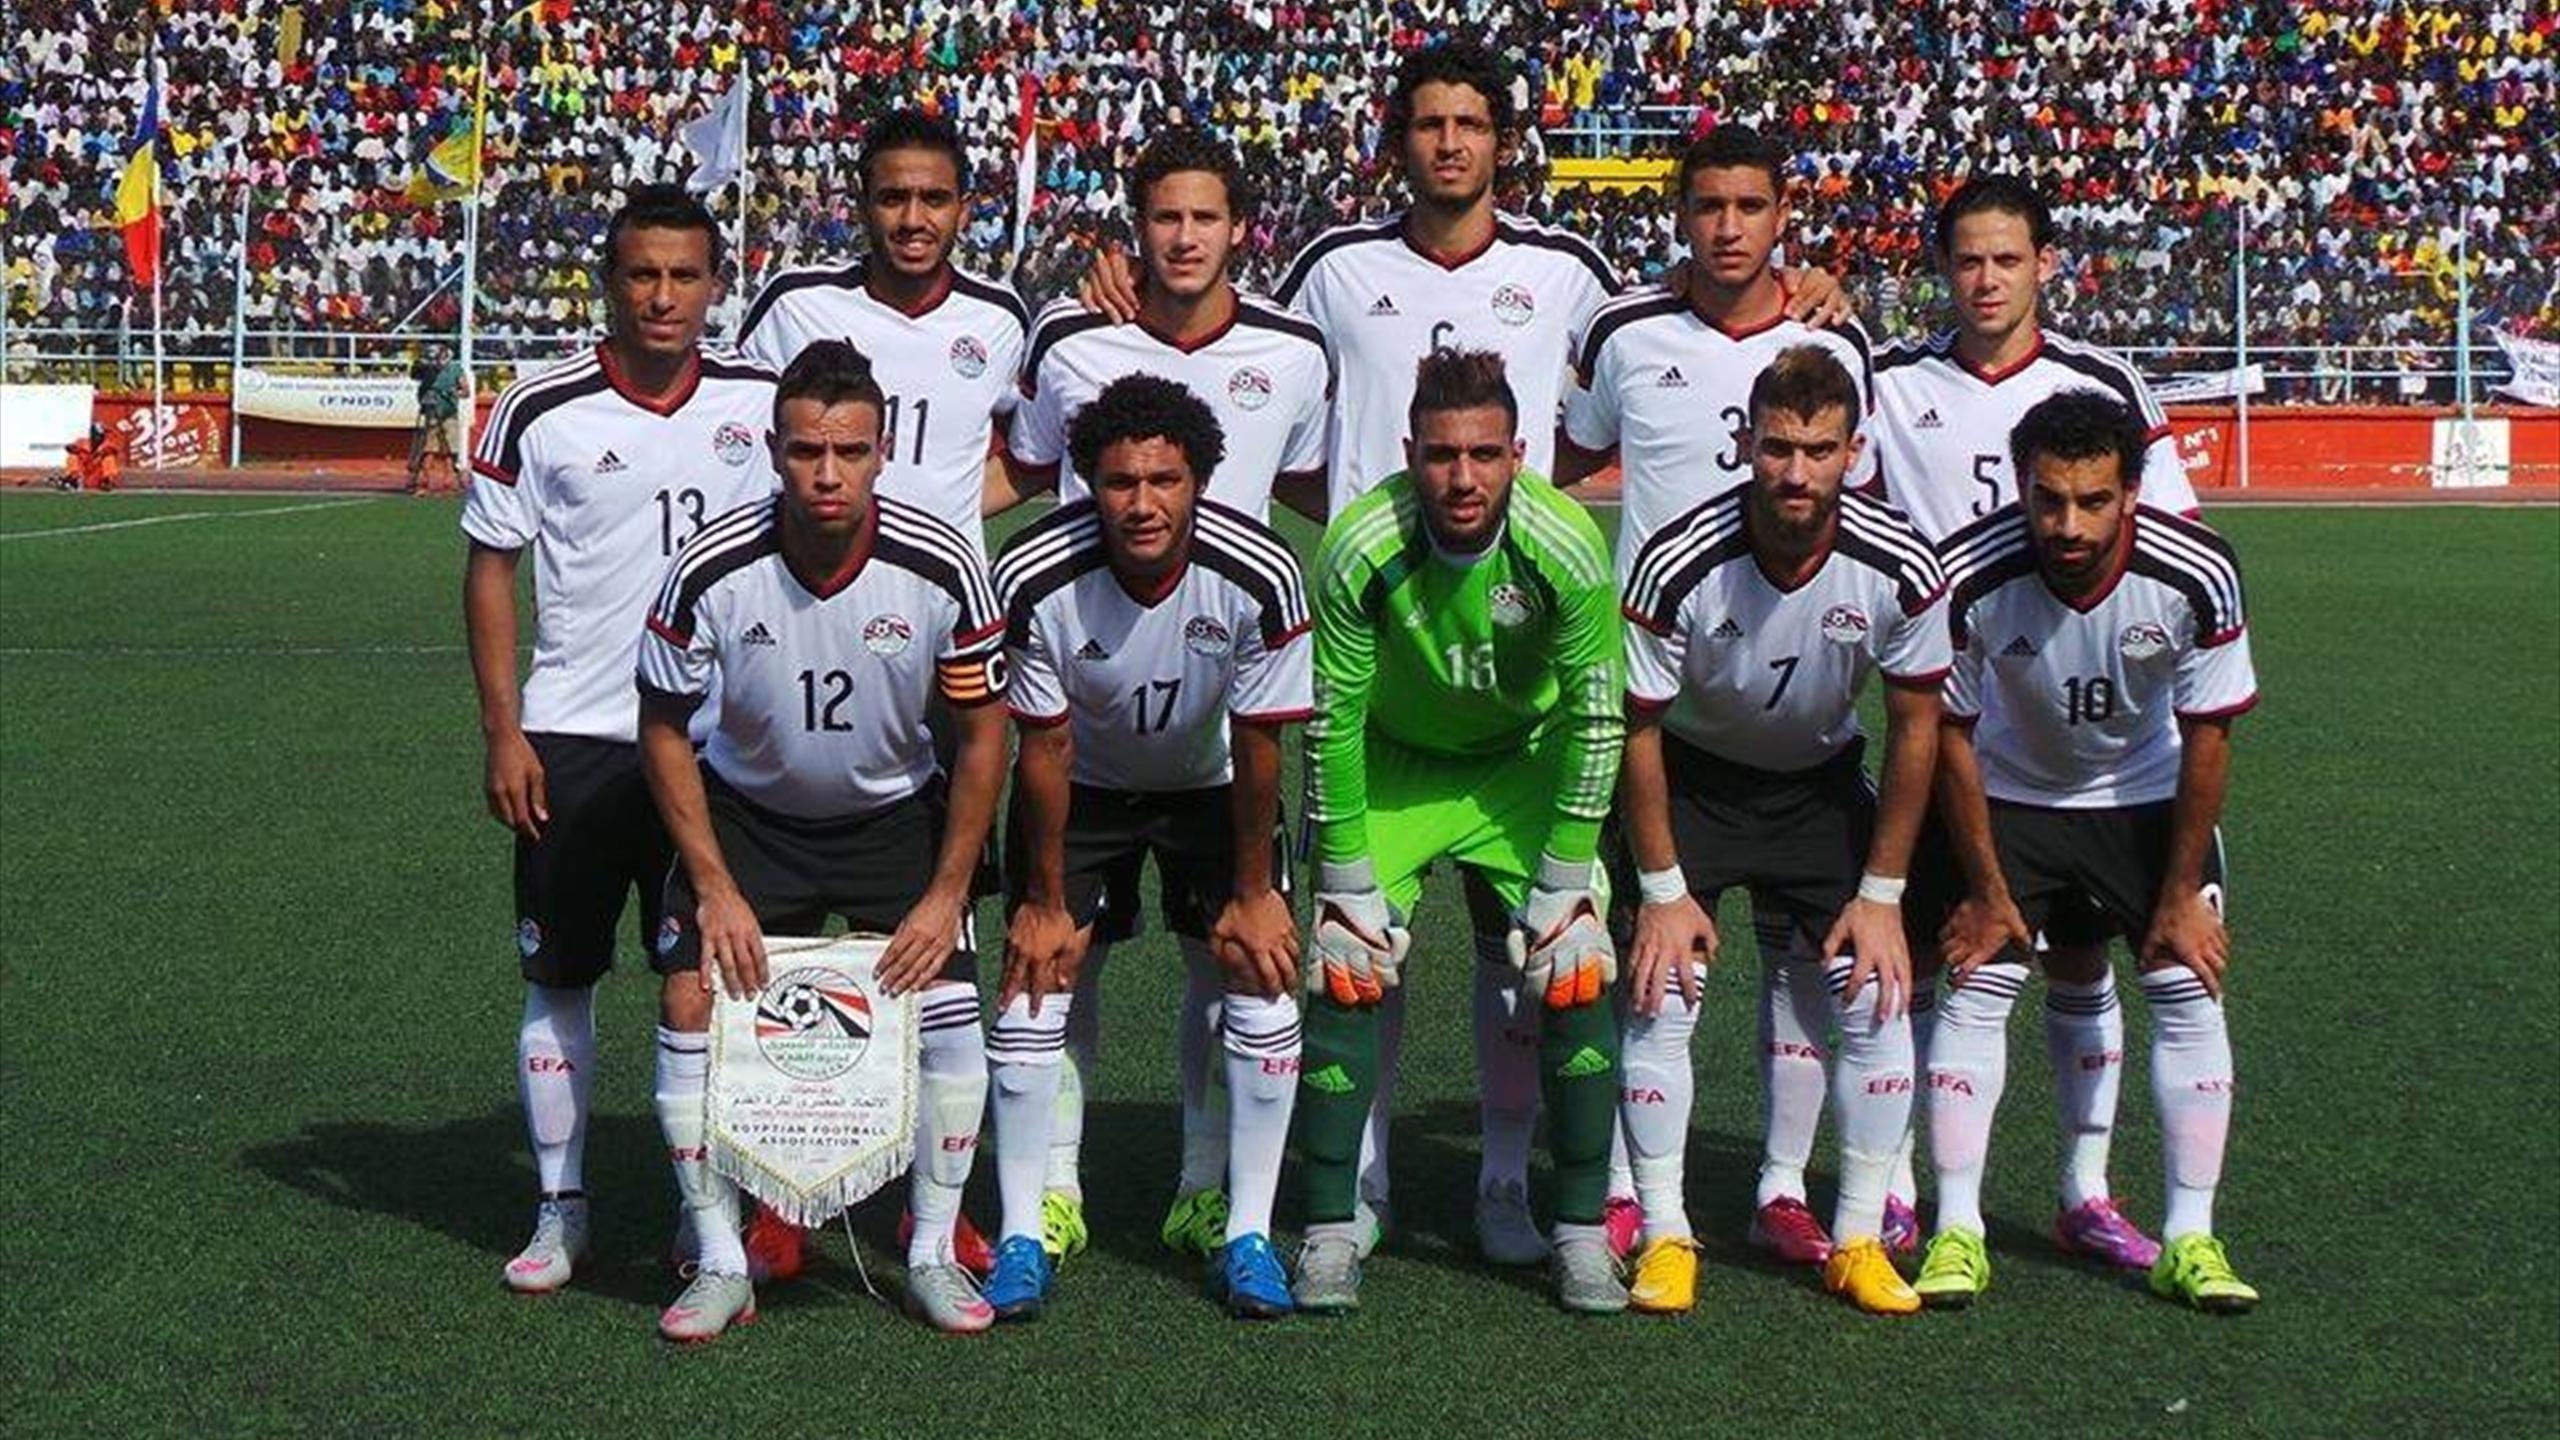 موعد مباراة منتخب مصر وجنوب افريقيا اليوم والقنوات الناقلة الماتش